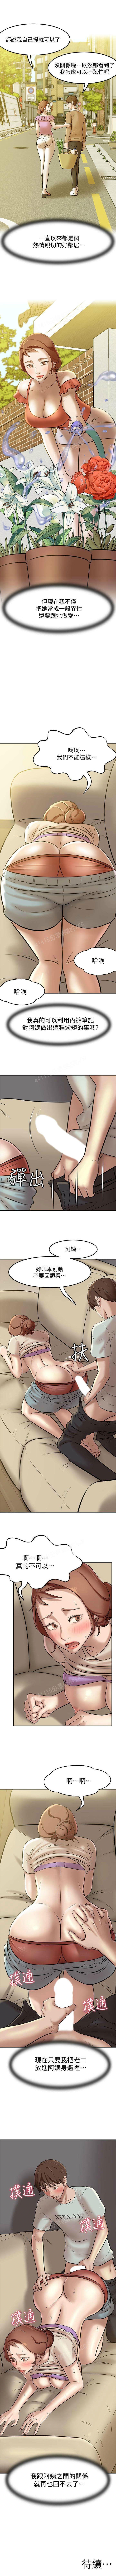 panty note 小褲褲筆記 小裤裤笔记 01-35 连载中 中文 重新排序 Reorder 49